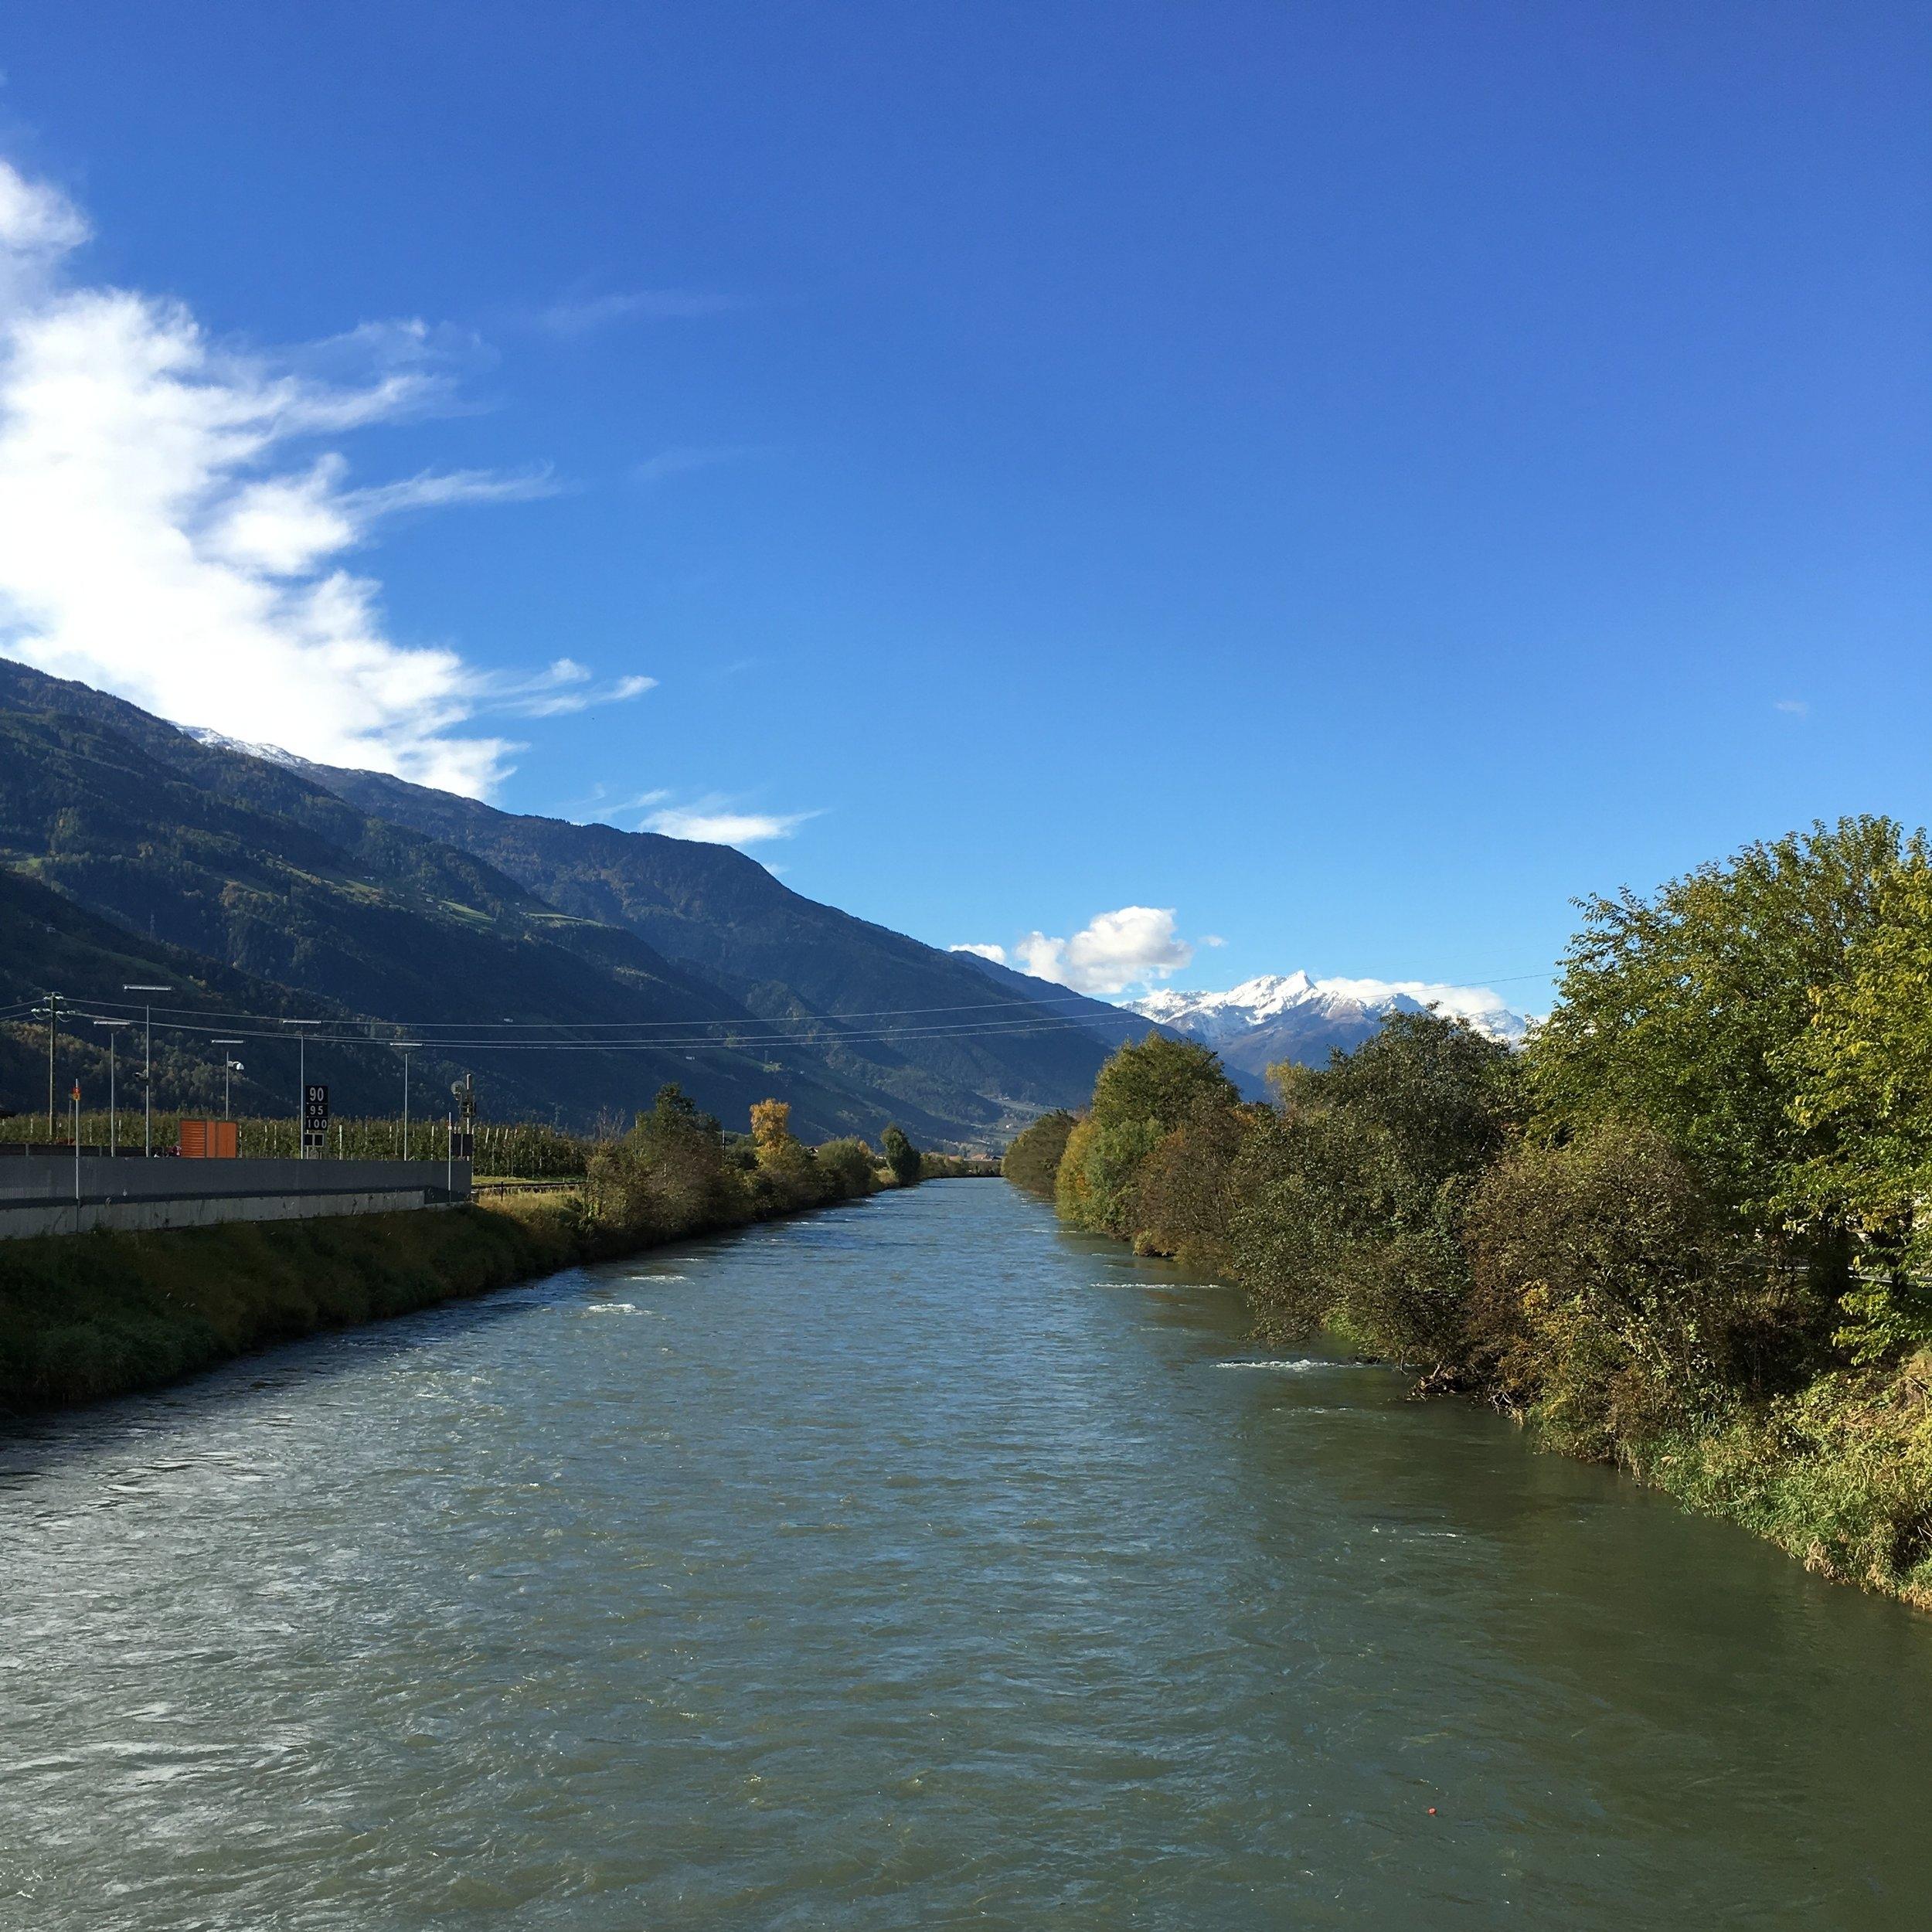 Vista del río Adige, conocido como Etsch en alemán. Foto: Bruny Nieves